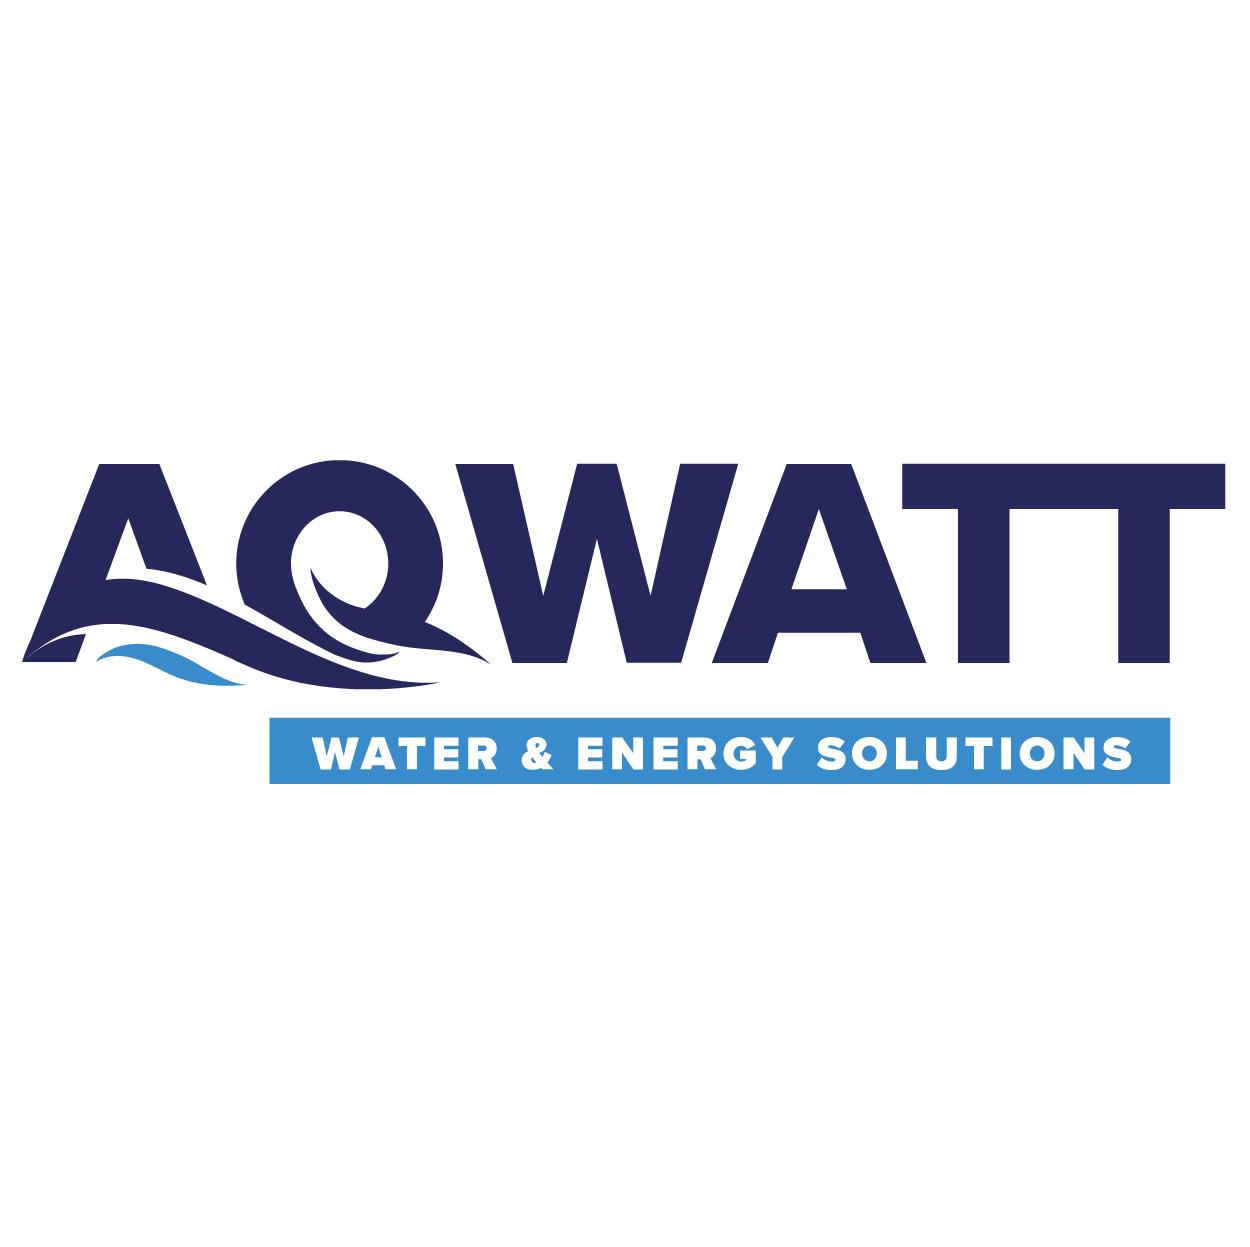 AQWatt